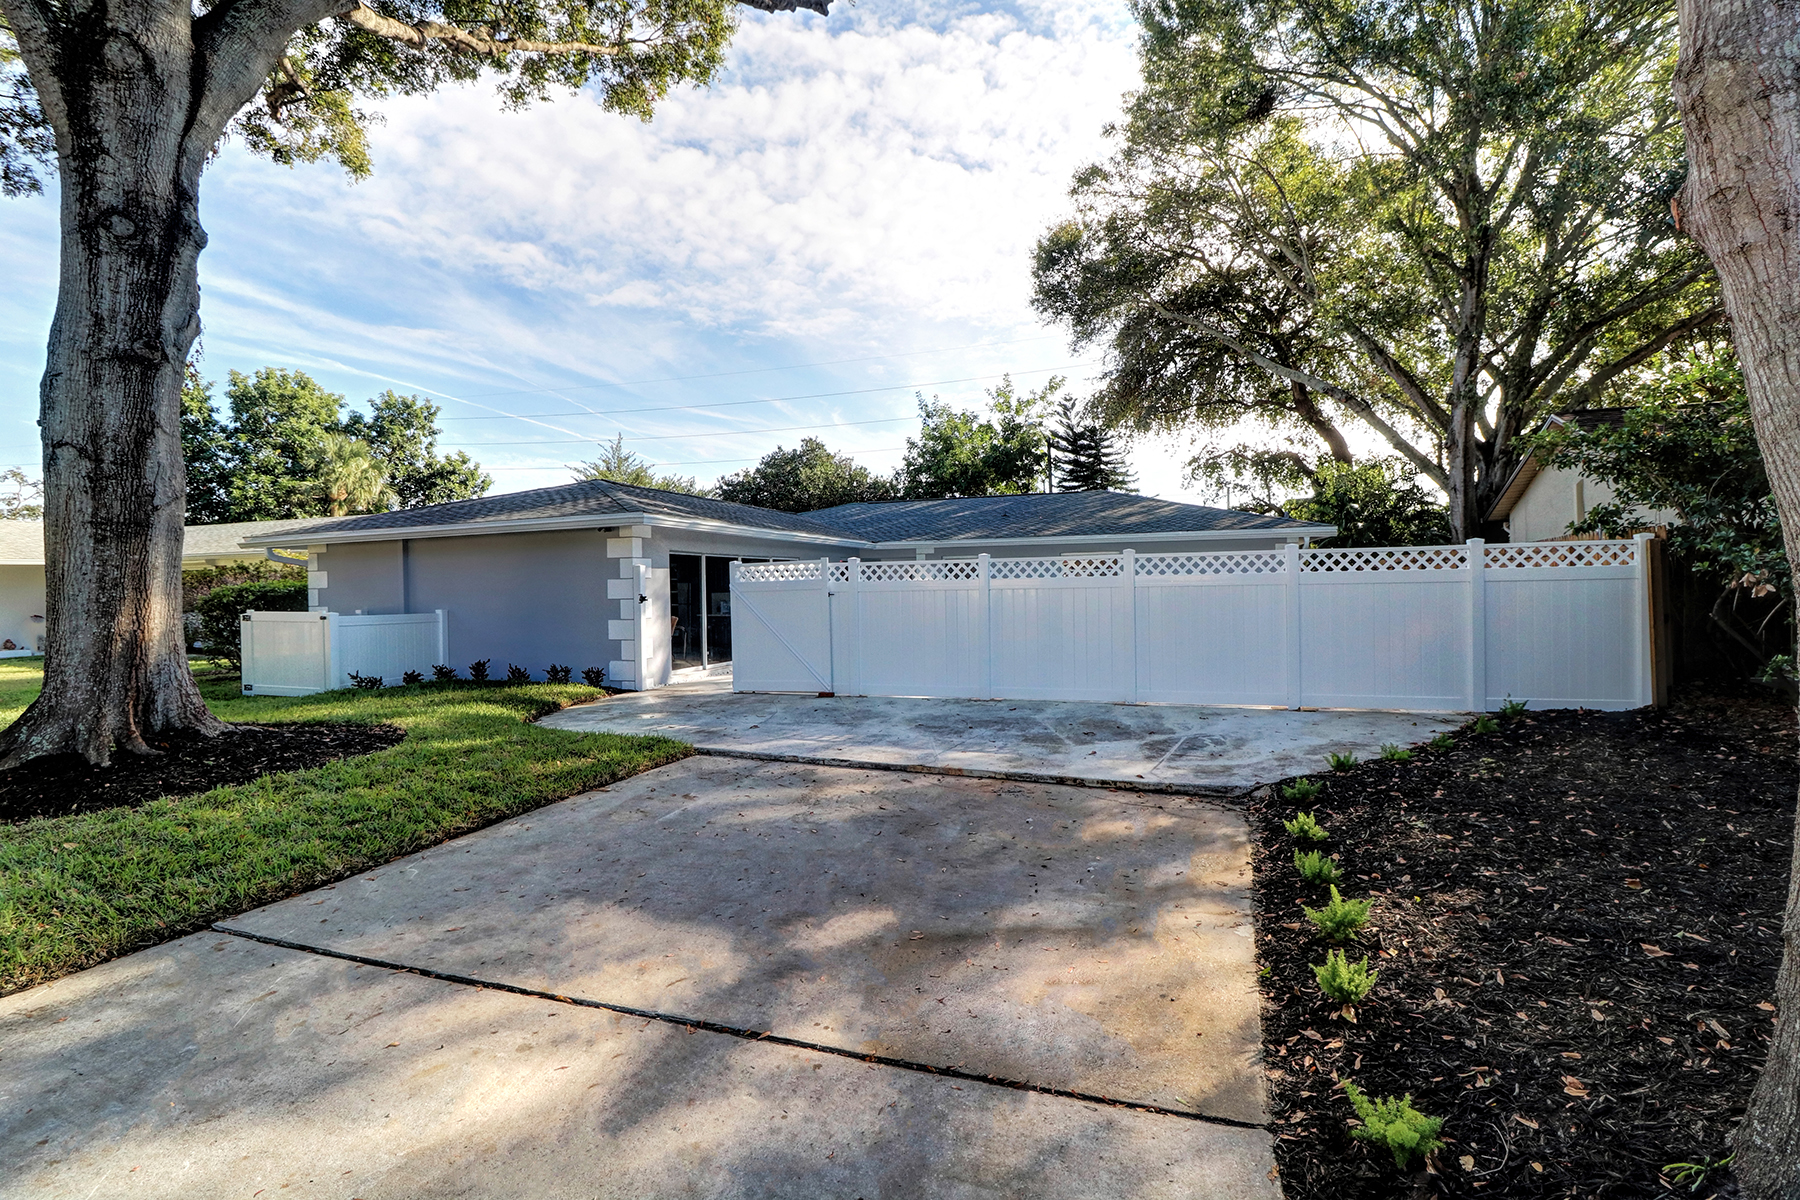 Частный односемейный дом для того Продажа на CLEARWATER 2363 Pineland Ln Clearwater, Флорида, 33763 Соединенные Штаты